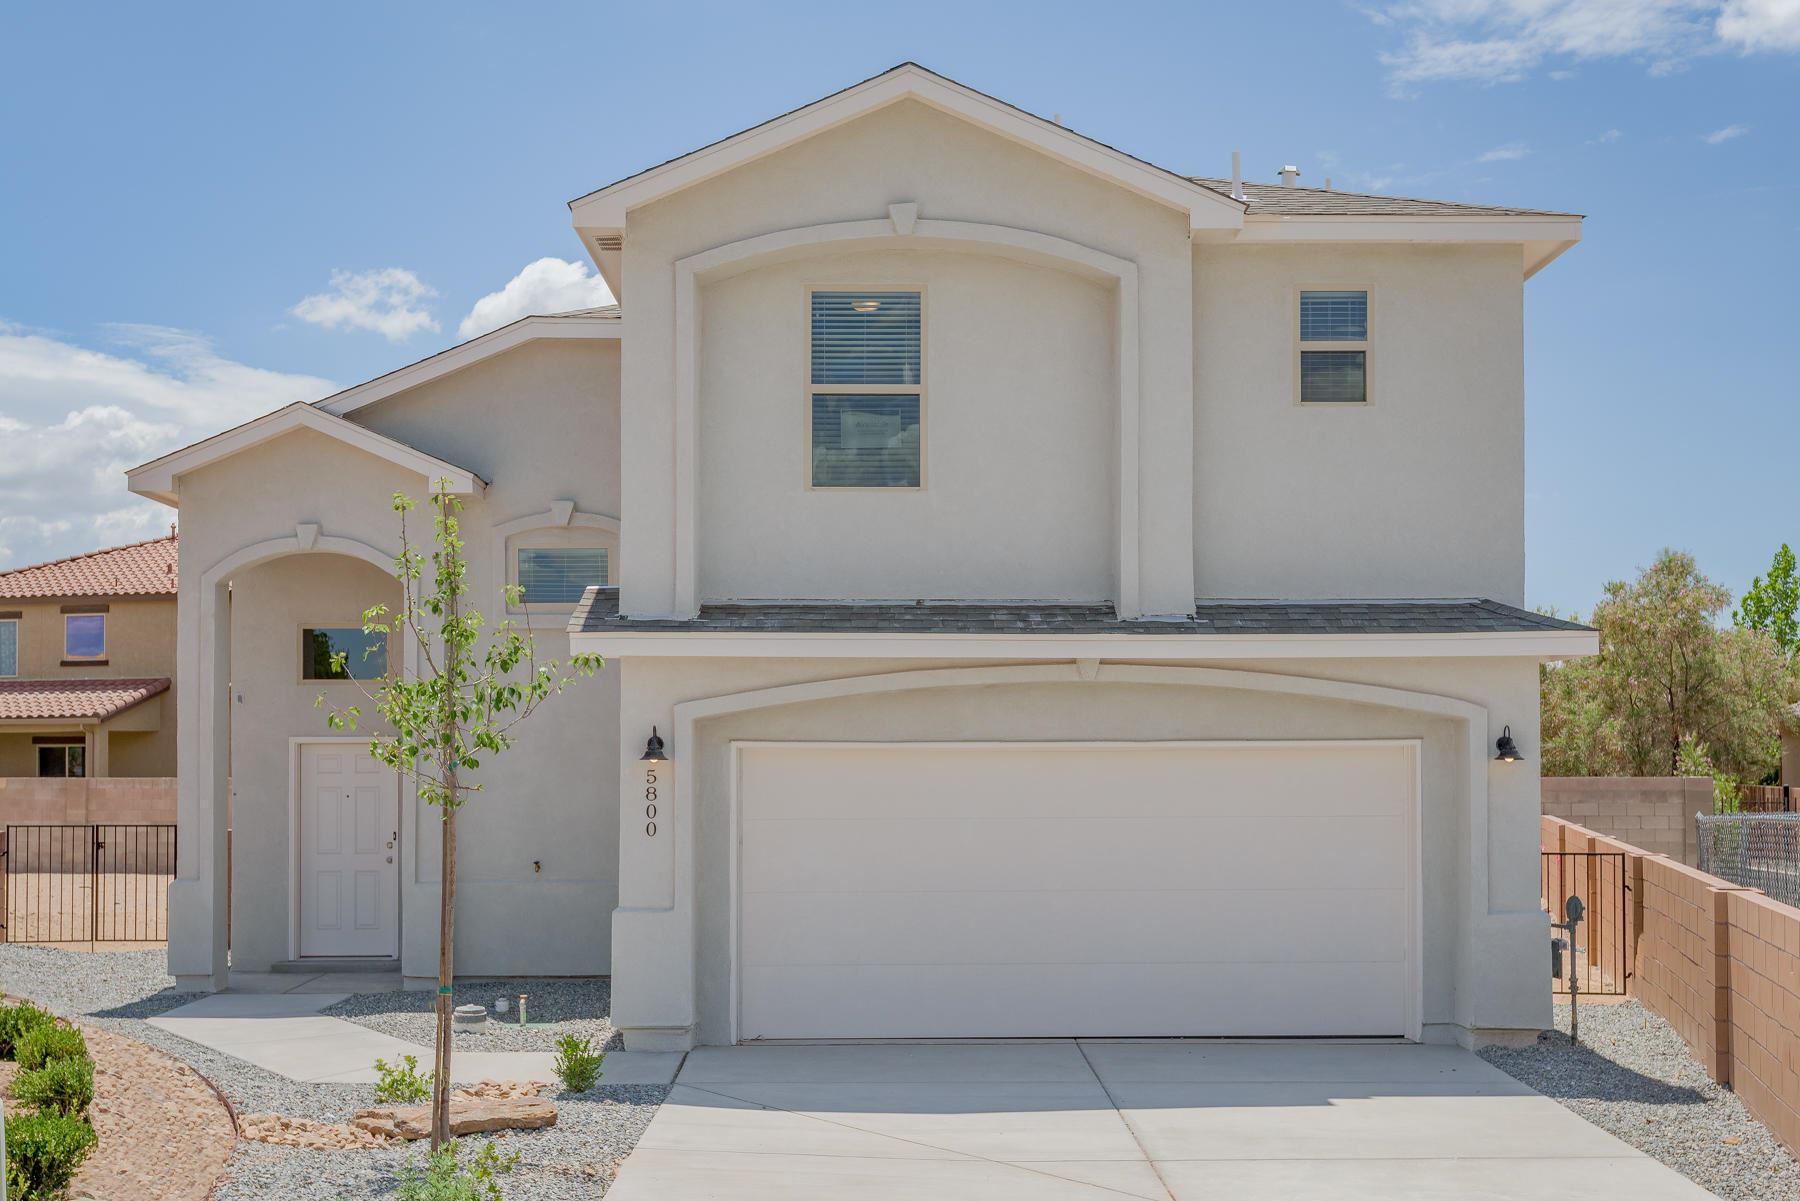 5800 MAFRAQ Avenue NW, Albuquerque, NM 87114 - #: 996073